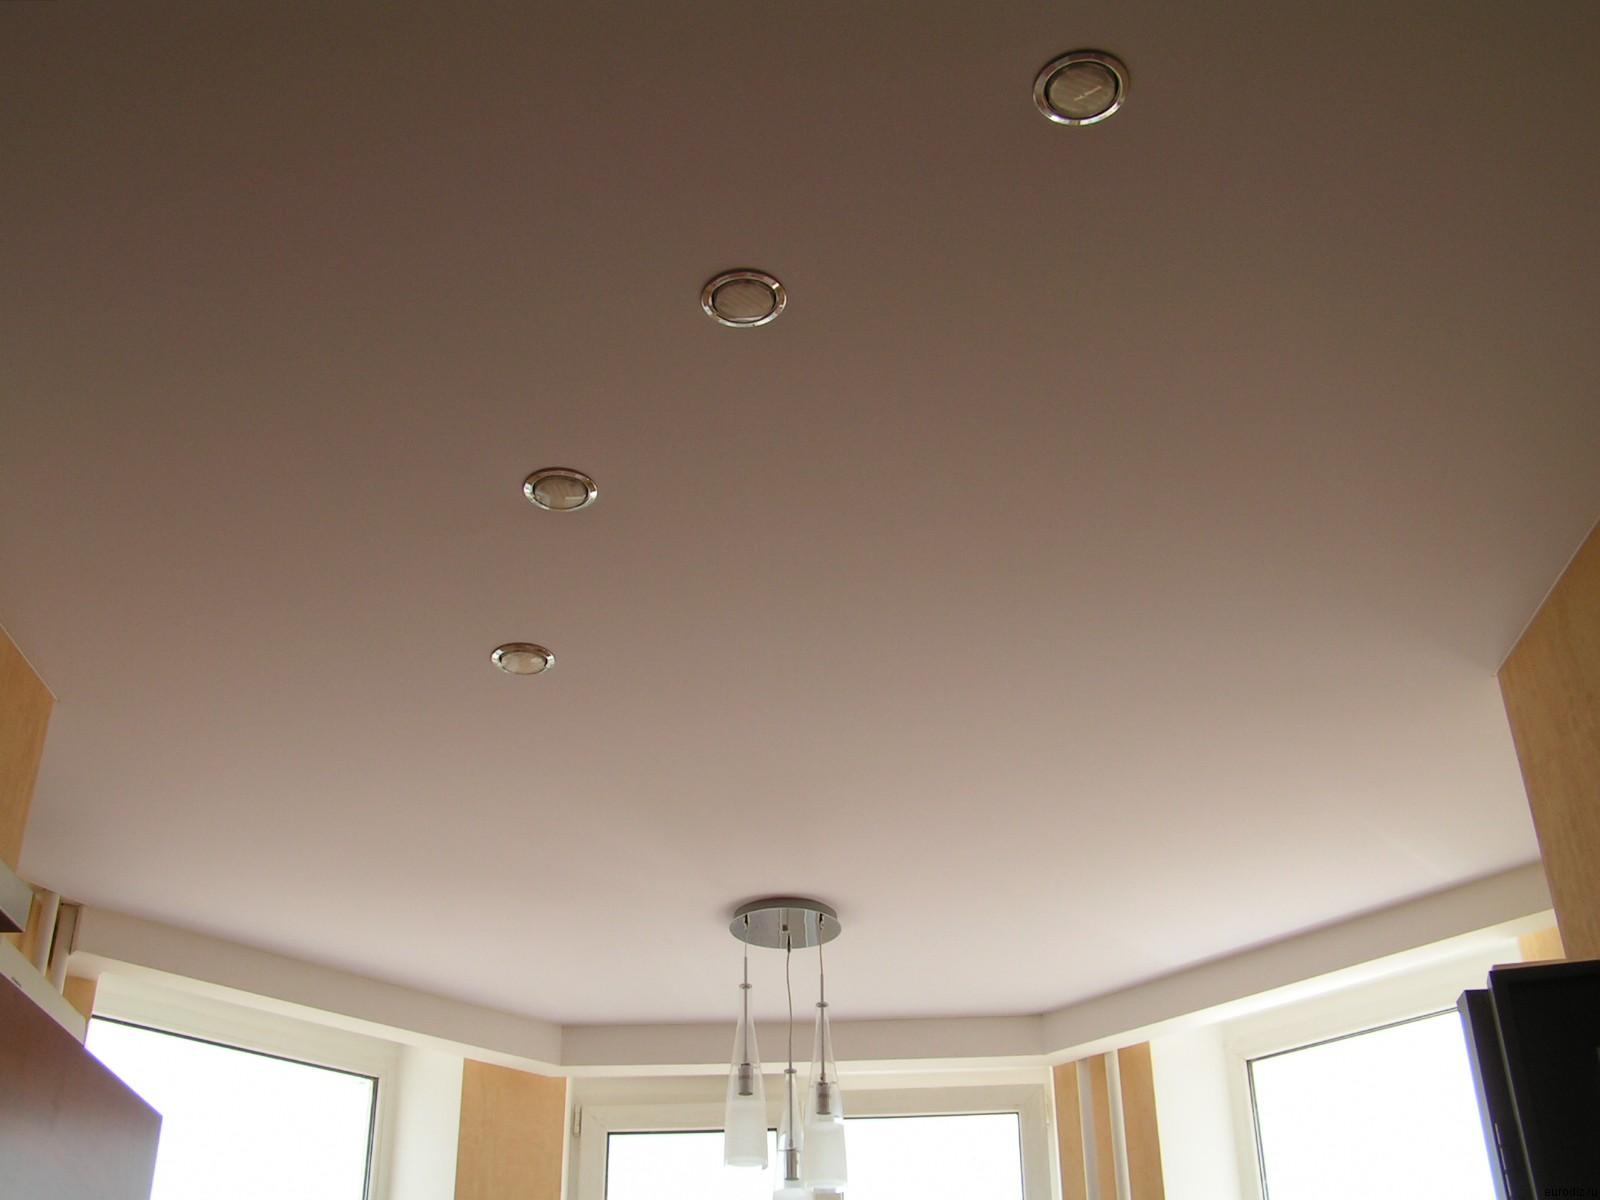 Бесшовные потолки: виды, особенности и преимущества использования в интерьере (24 фото)